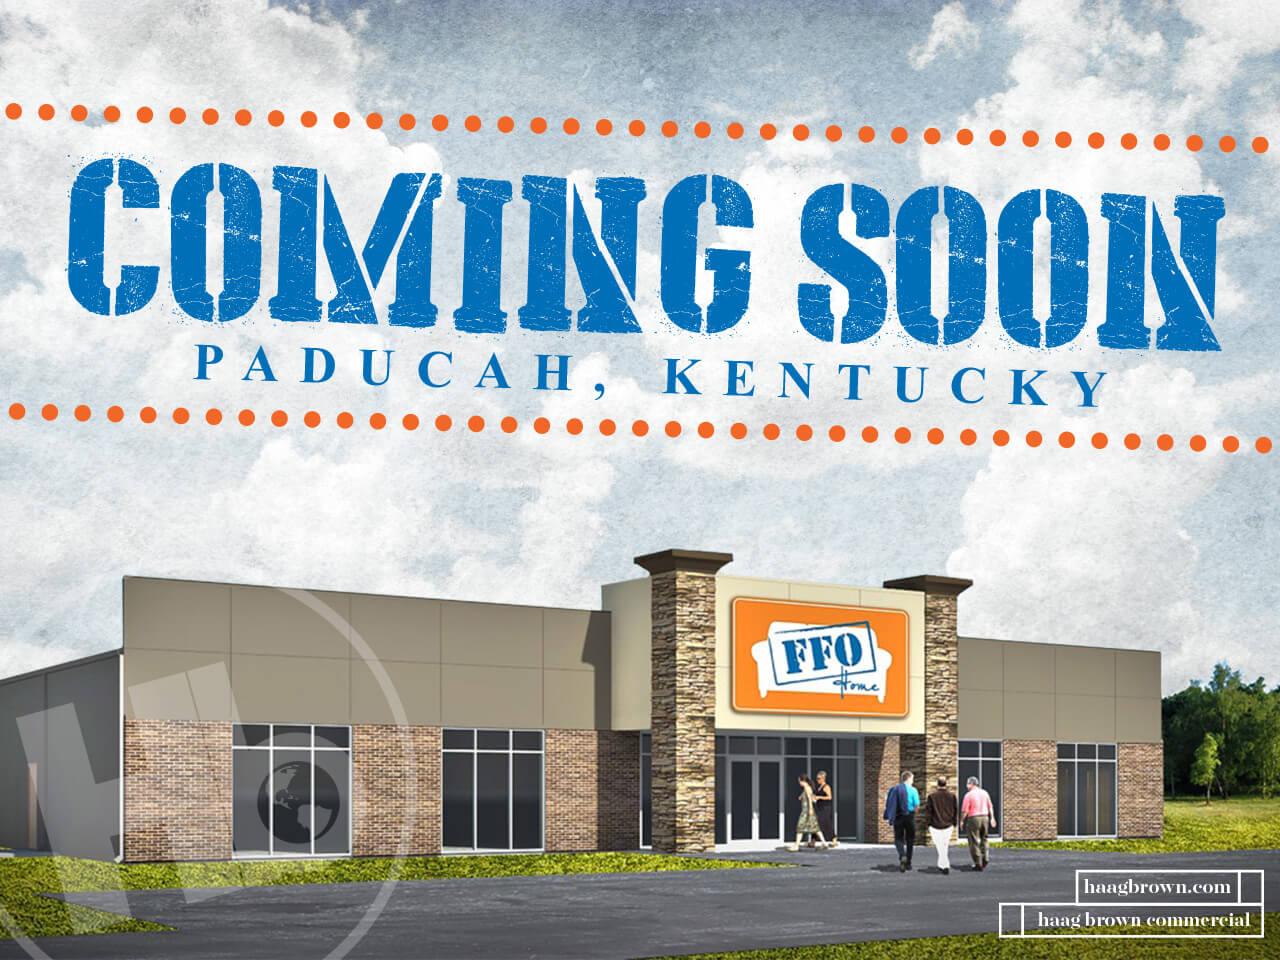 FFO Home Coming to Paducah, Kentucky